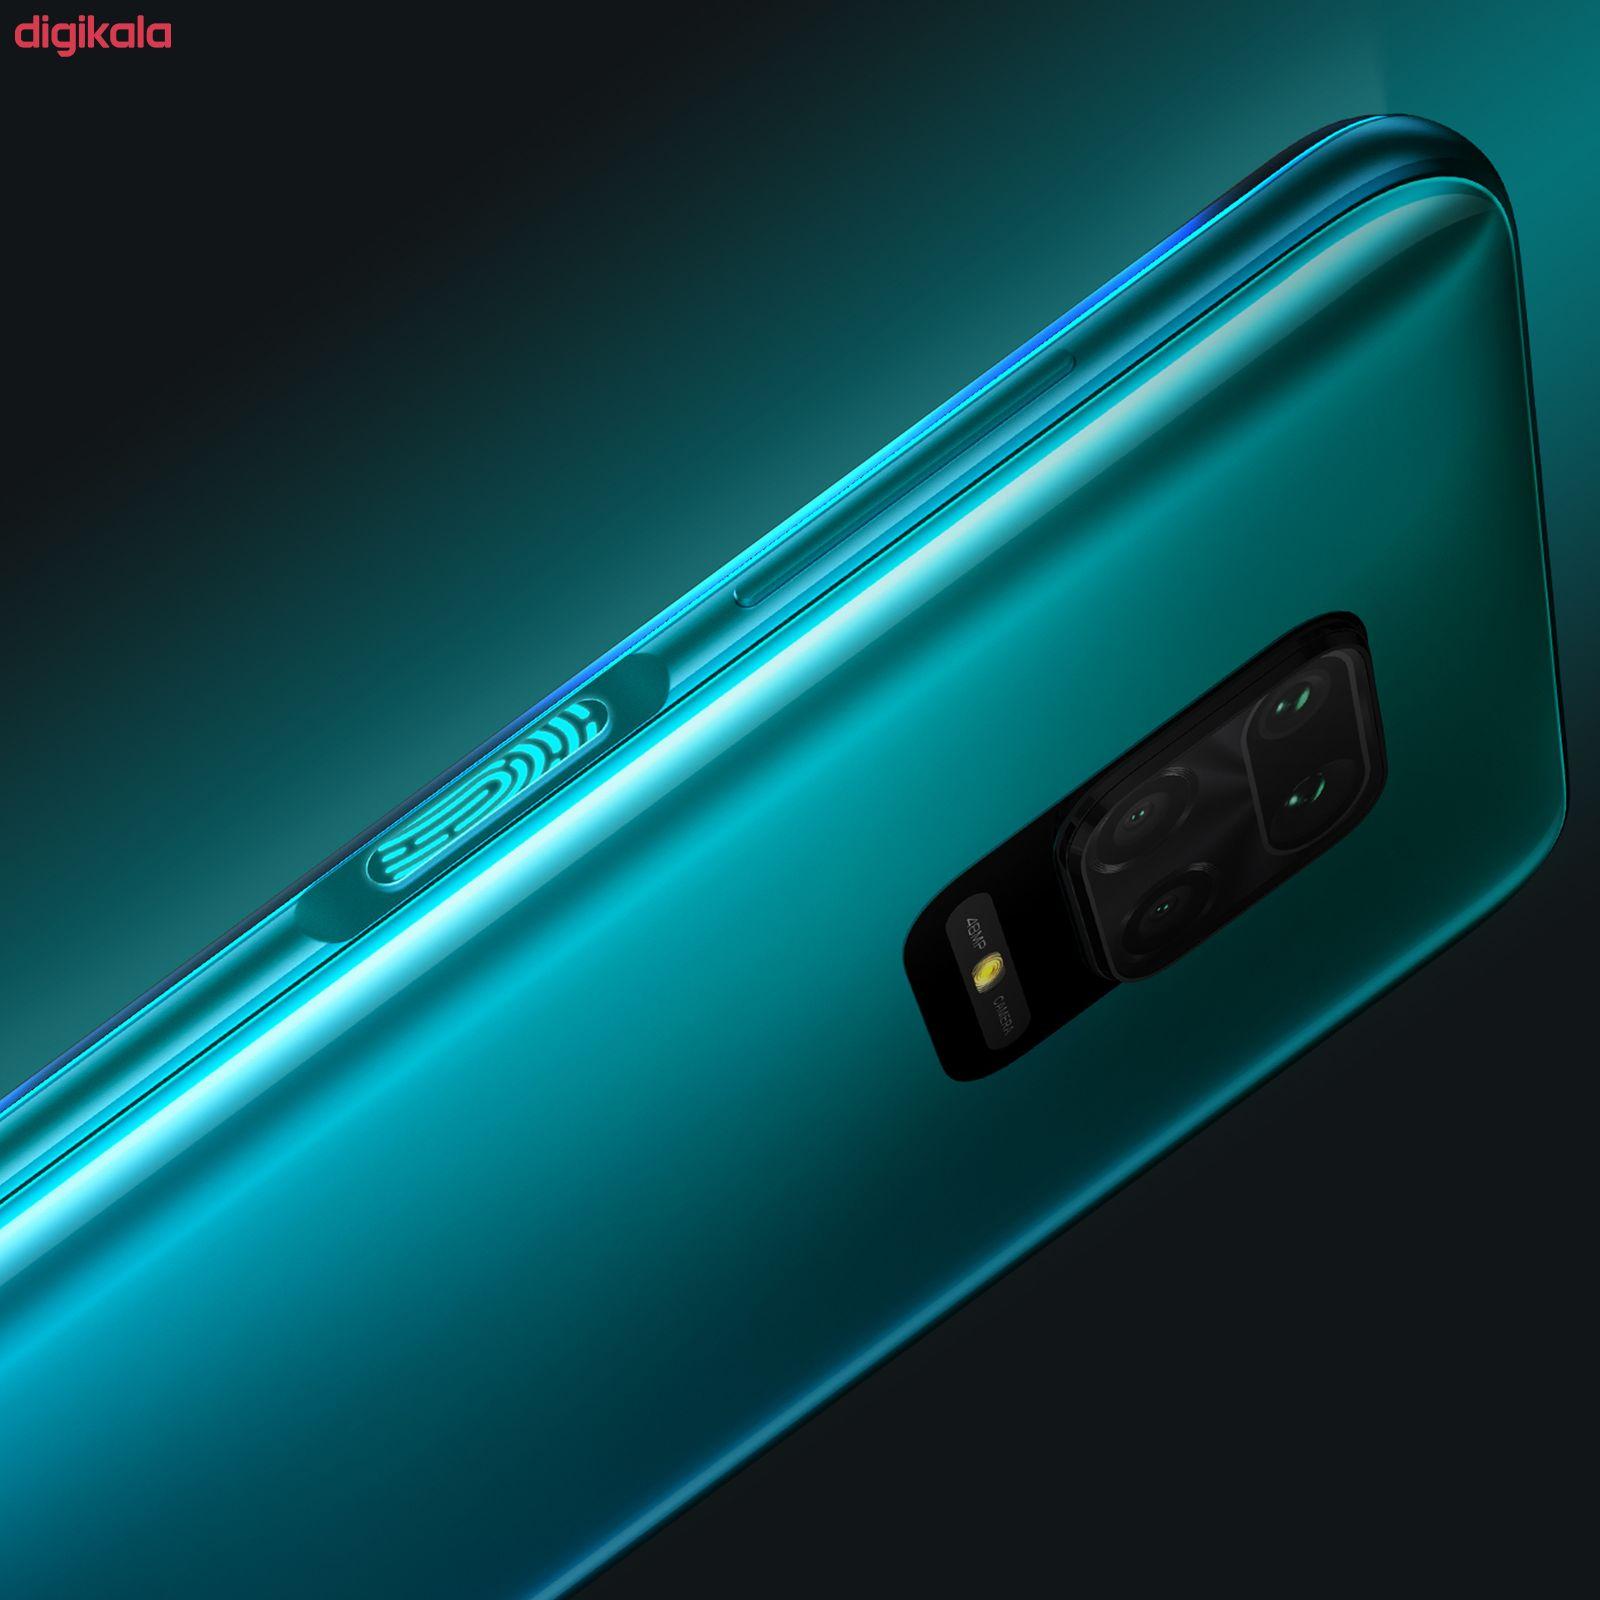 گوشی موبایل شیائومی مدل Redmi Note 9S M2003J6A1G دو سیم کارت ظرفیت 128گیگابایت main 1 13